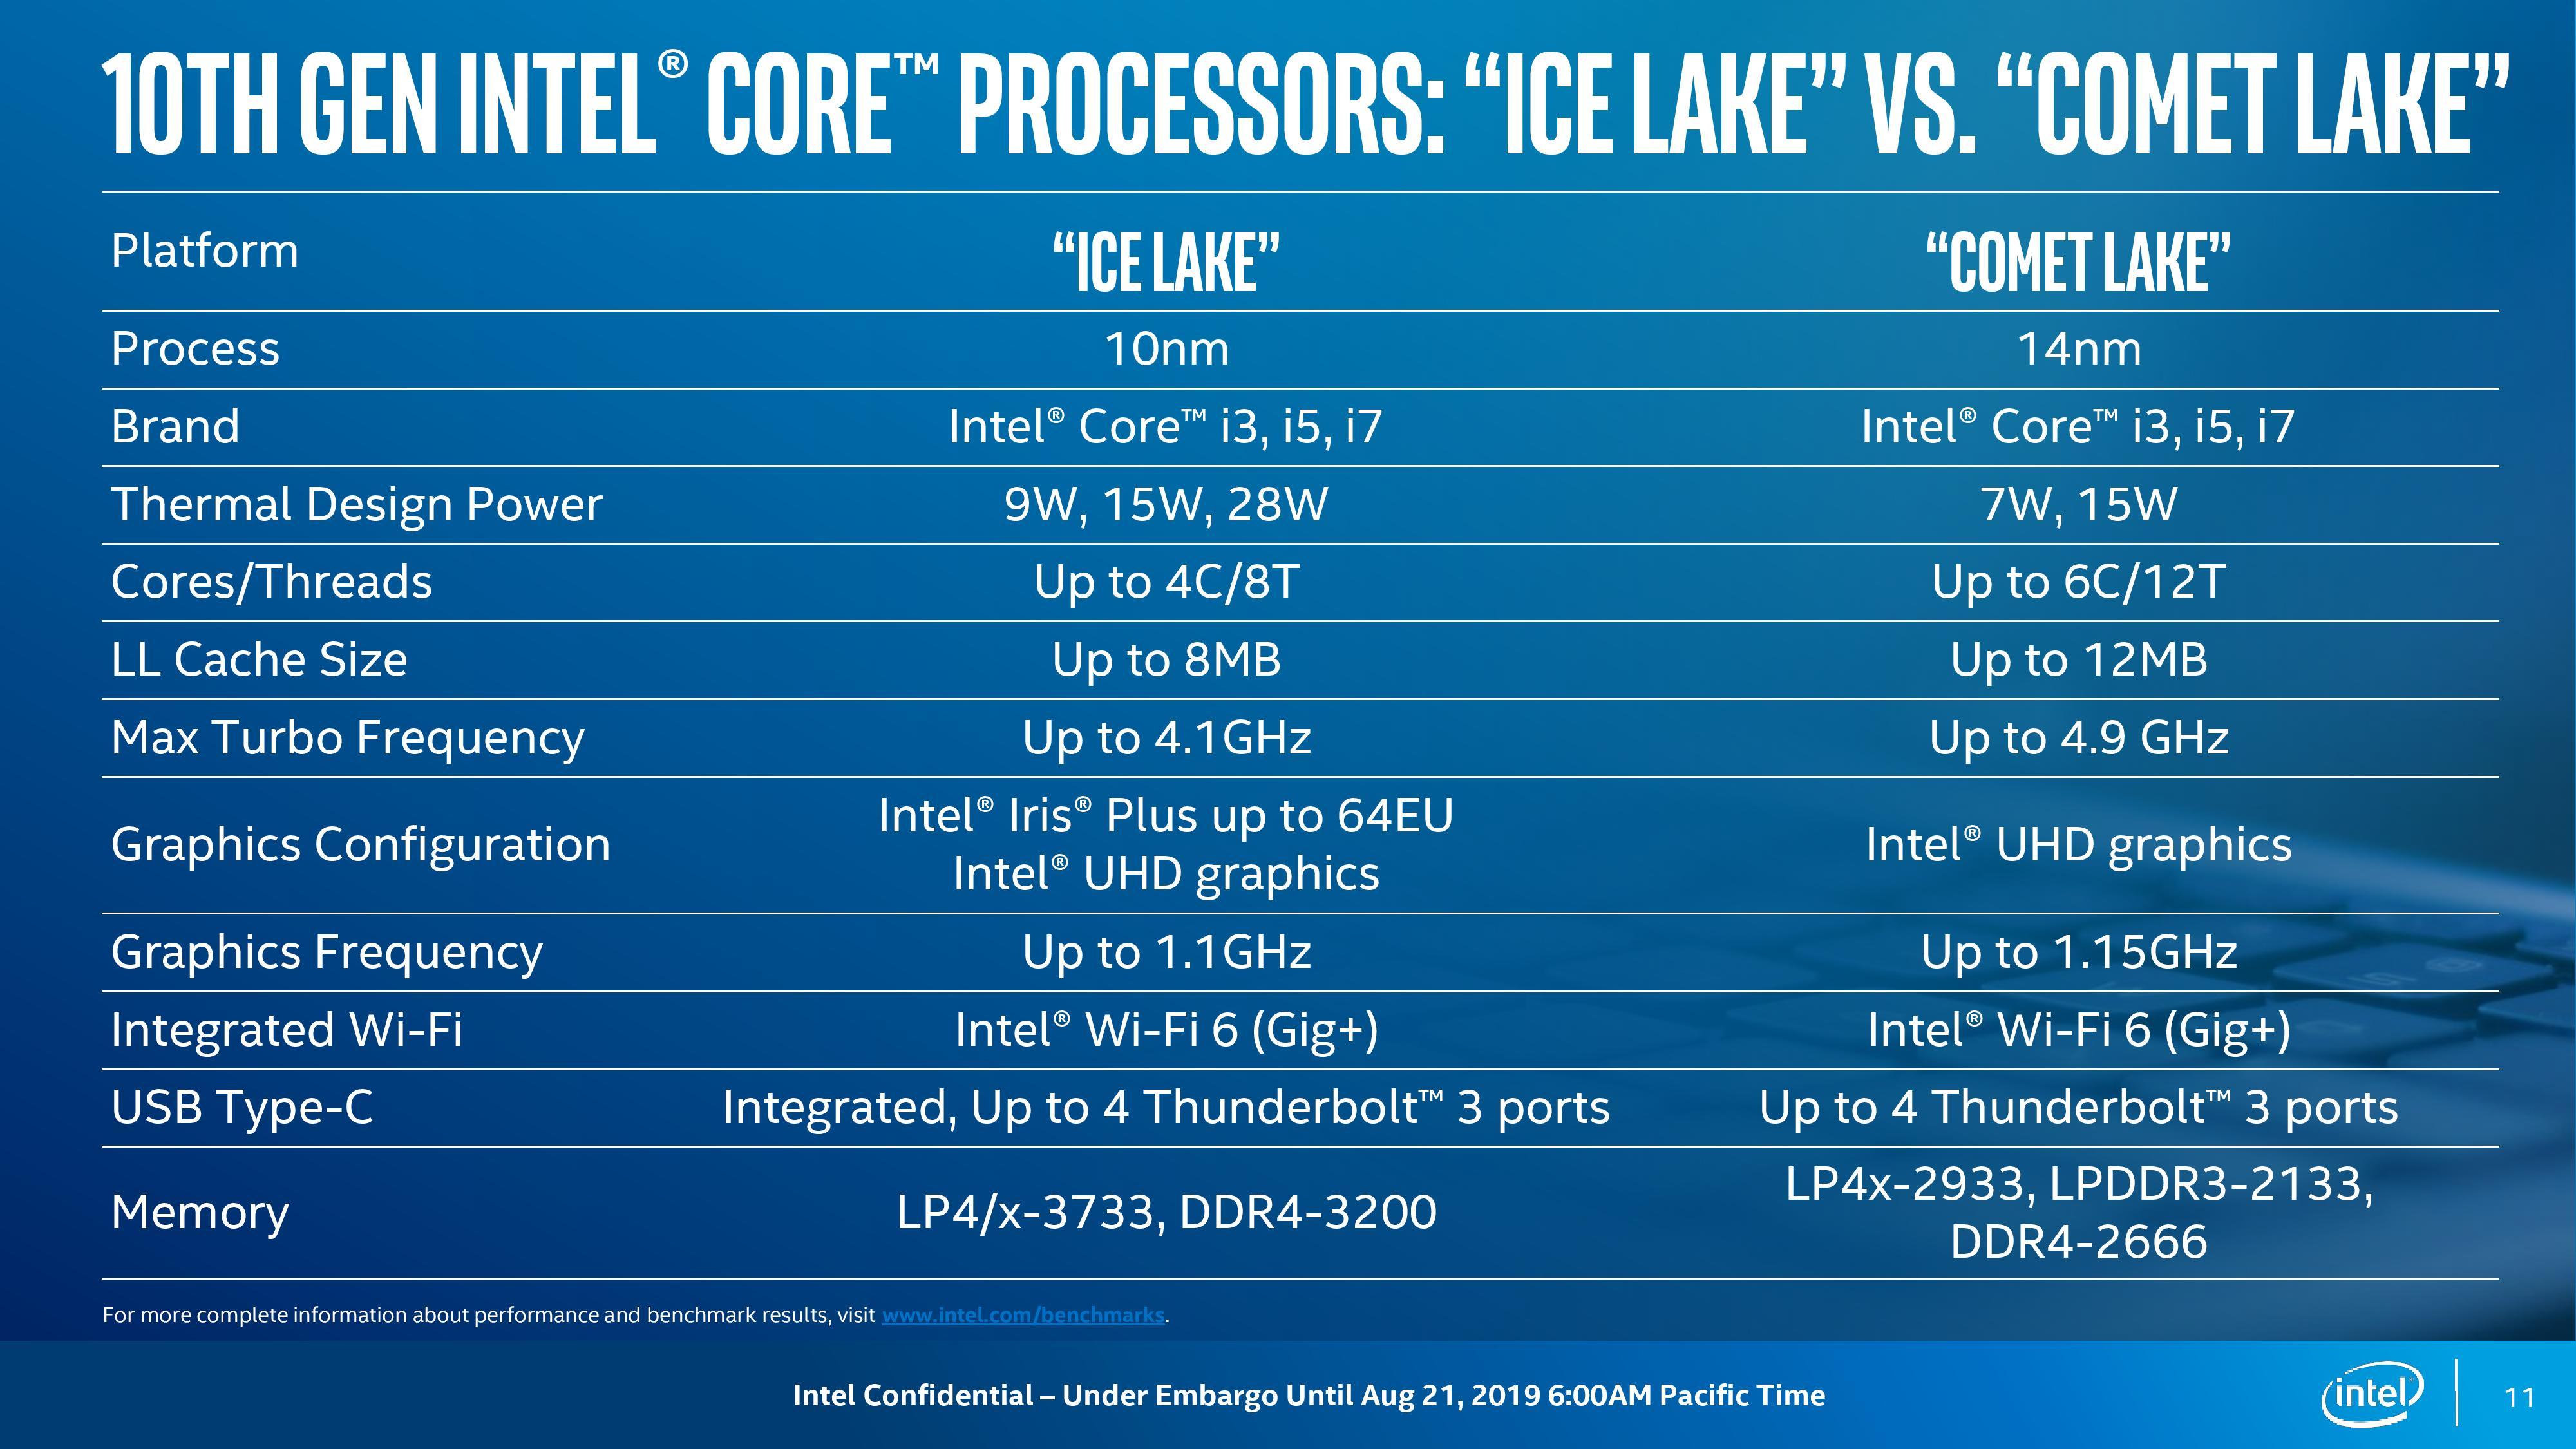 Intel, Comet Lake, Ice Lake, 14nm, 10nm, i7-10710U, i7-10510U, i5-10210U, i3-10110U, i7-10510Y, i5-10310Y, i5-10210Y, i3-10110Y, Project Athena, Thunderbolt 3, WiFi 6, Iris Plus, UHD Graphics, LPDDR4x, Sunny Cove,